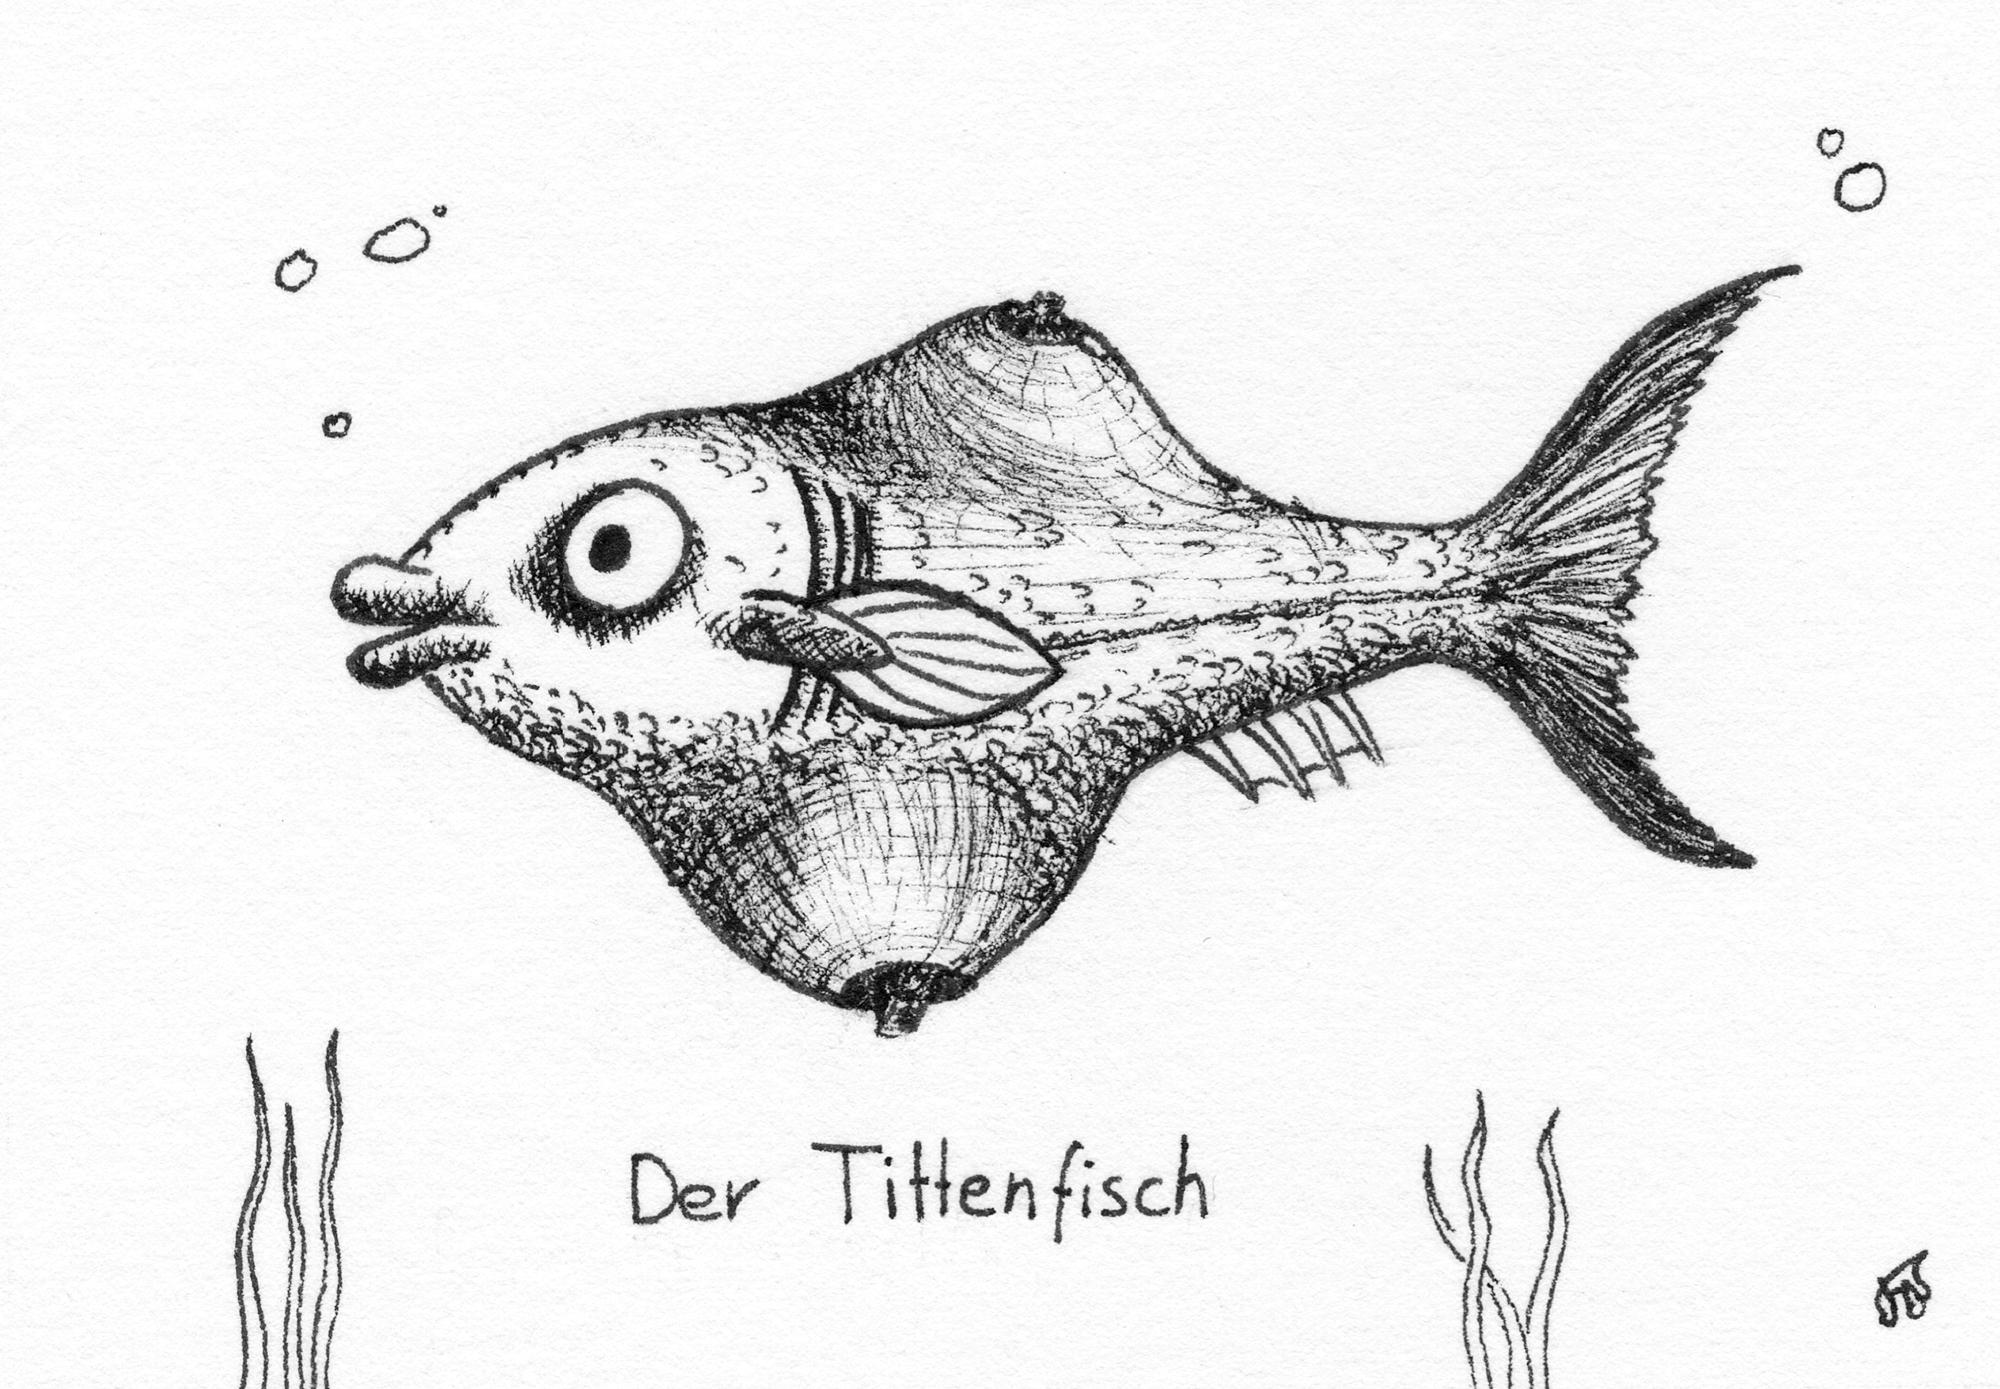 Der Tittenfisch